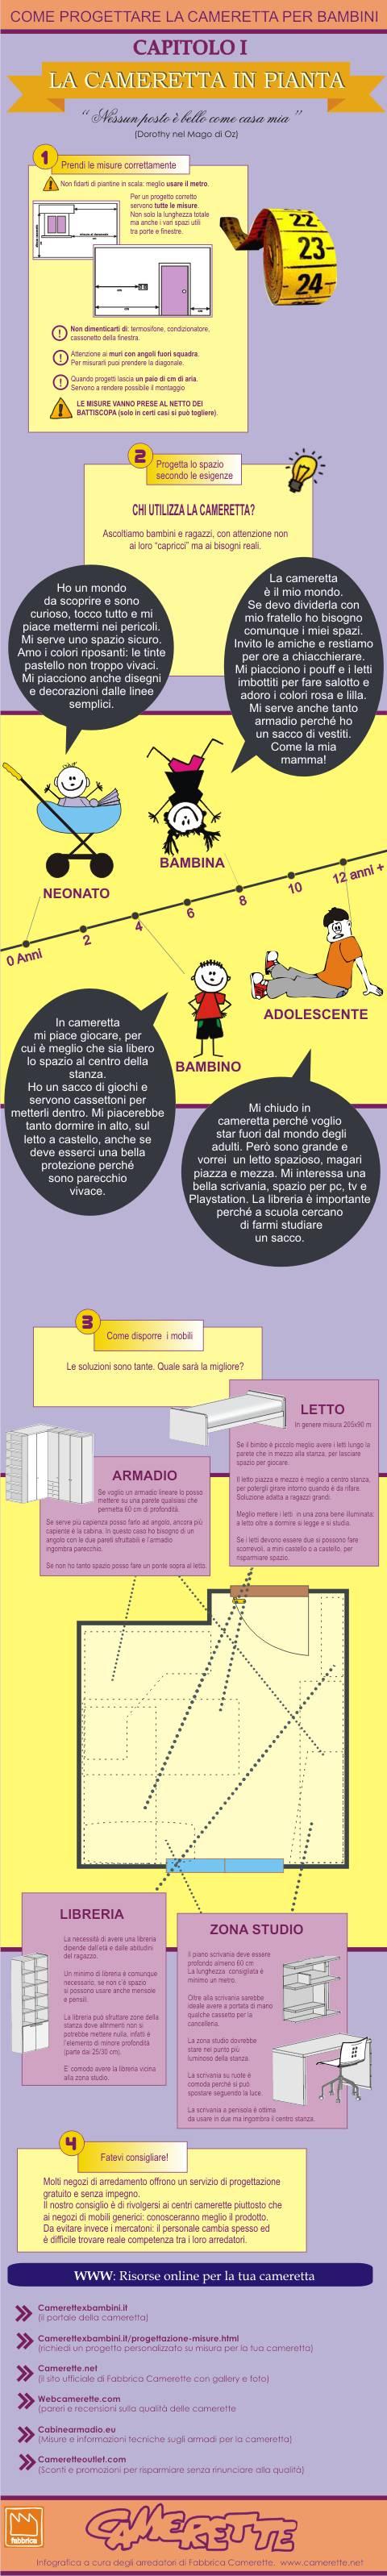 infografica_camerette